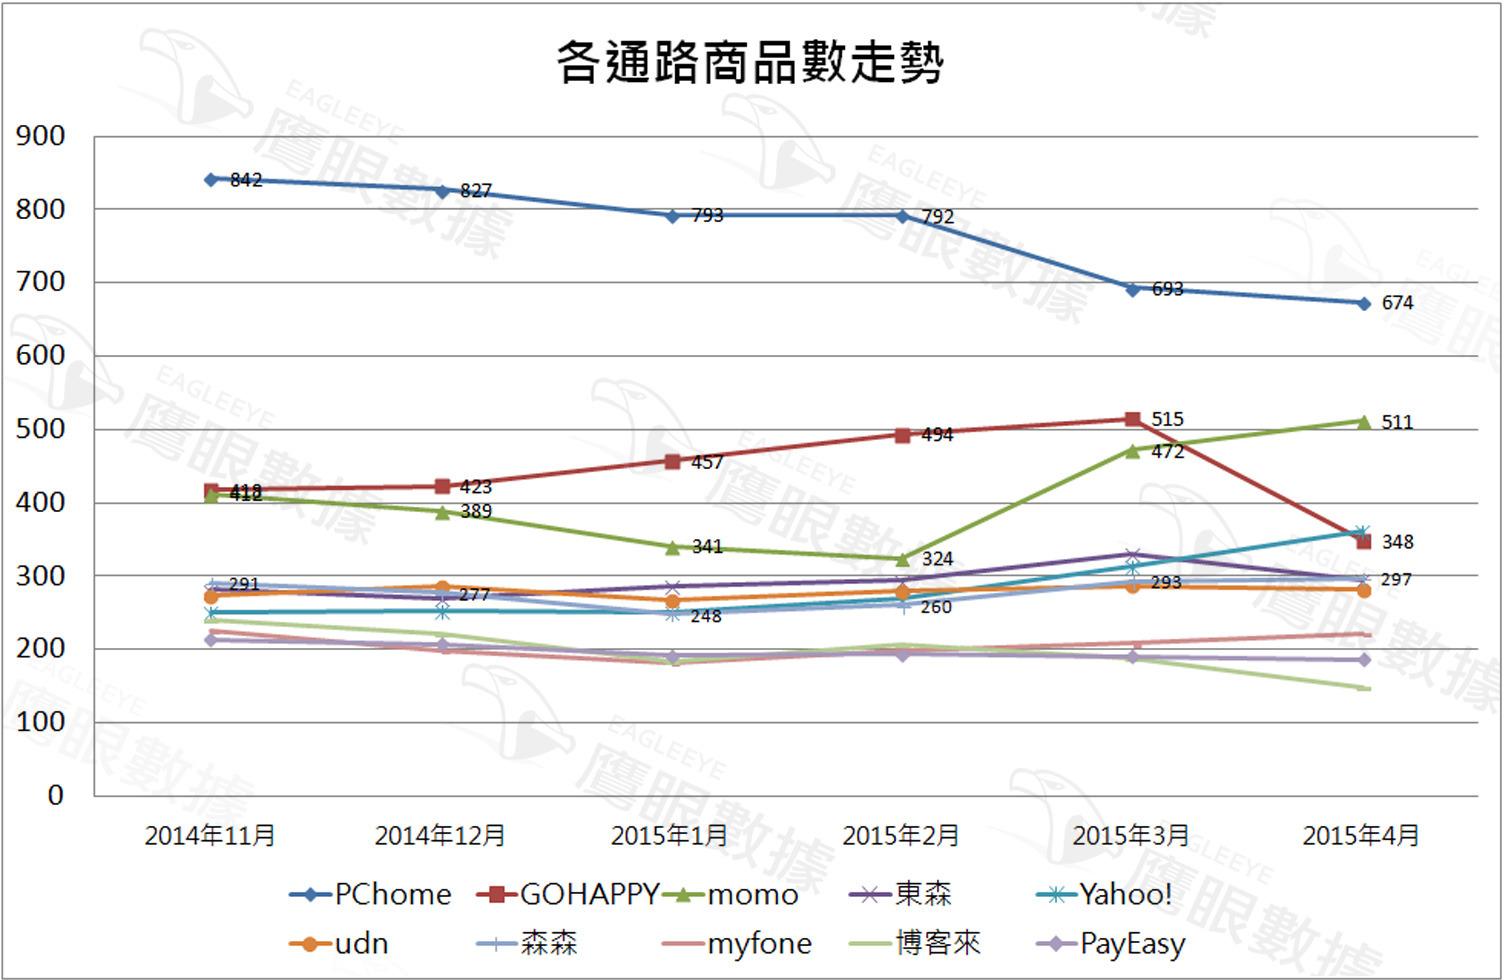 〈2015年4月〉台灣網路消費者對吸塵器購買行為與通路分析-EAGLEEYE鷹眼數據